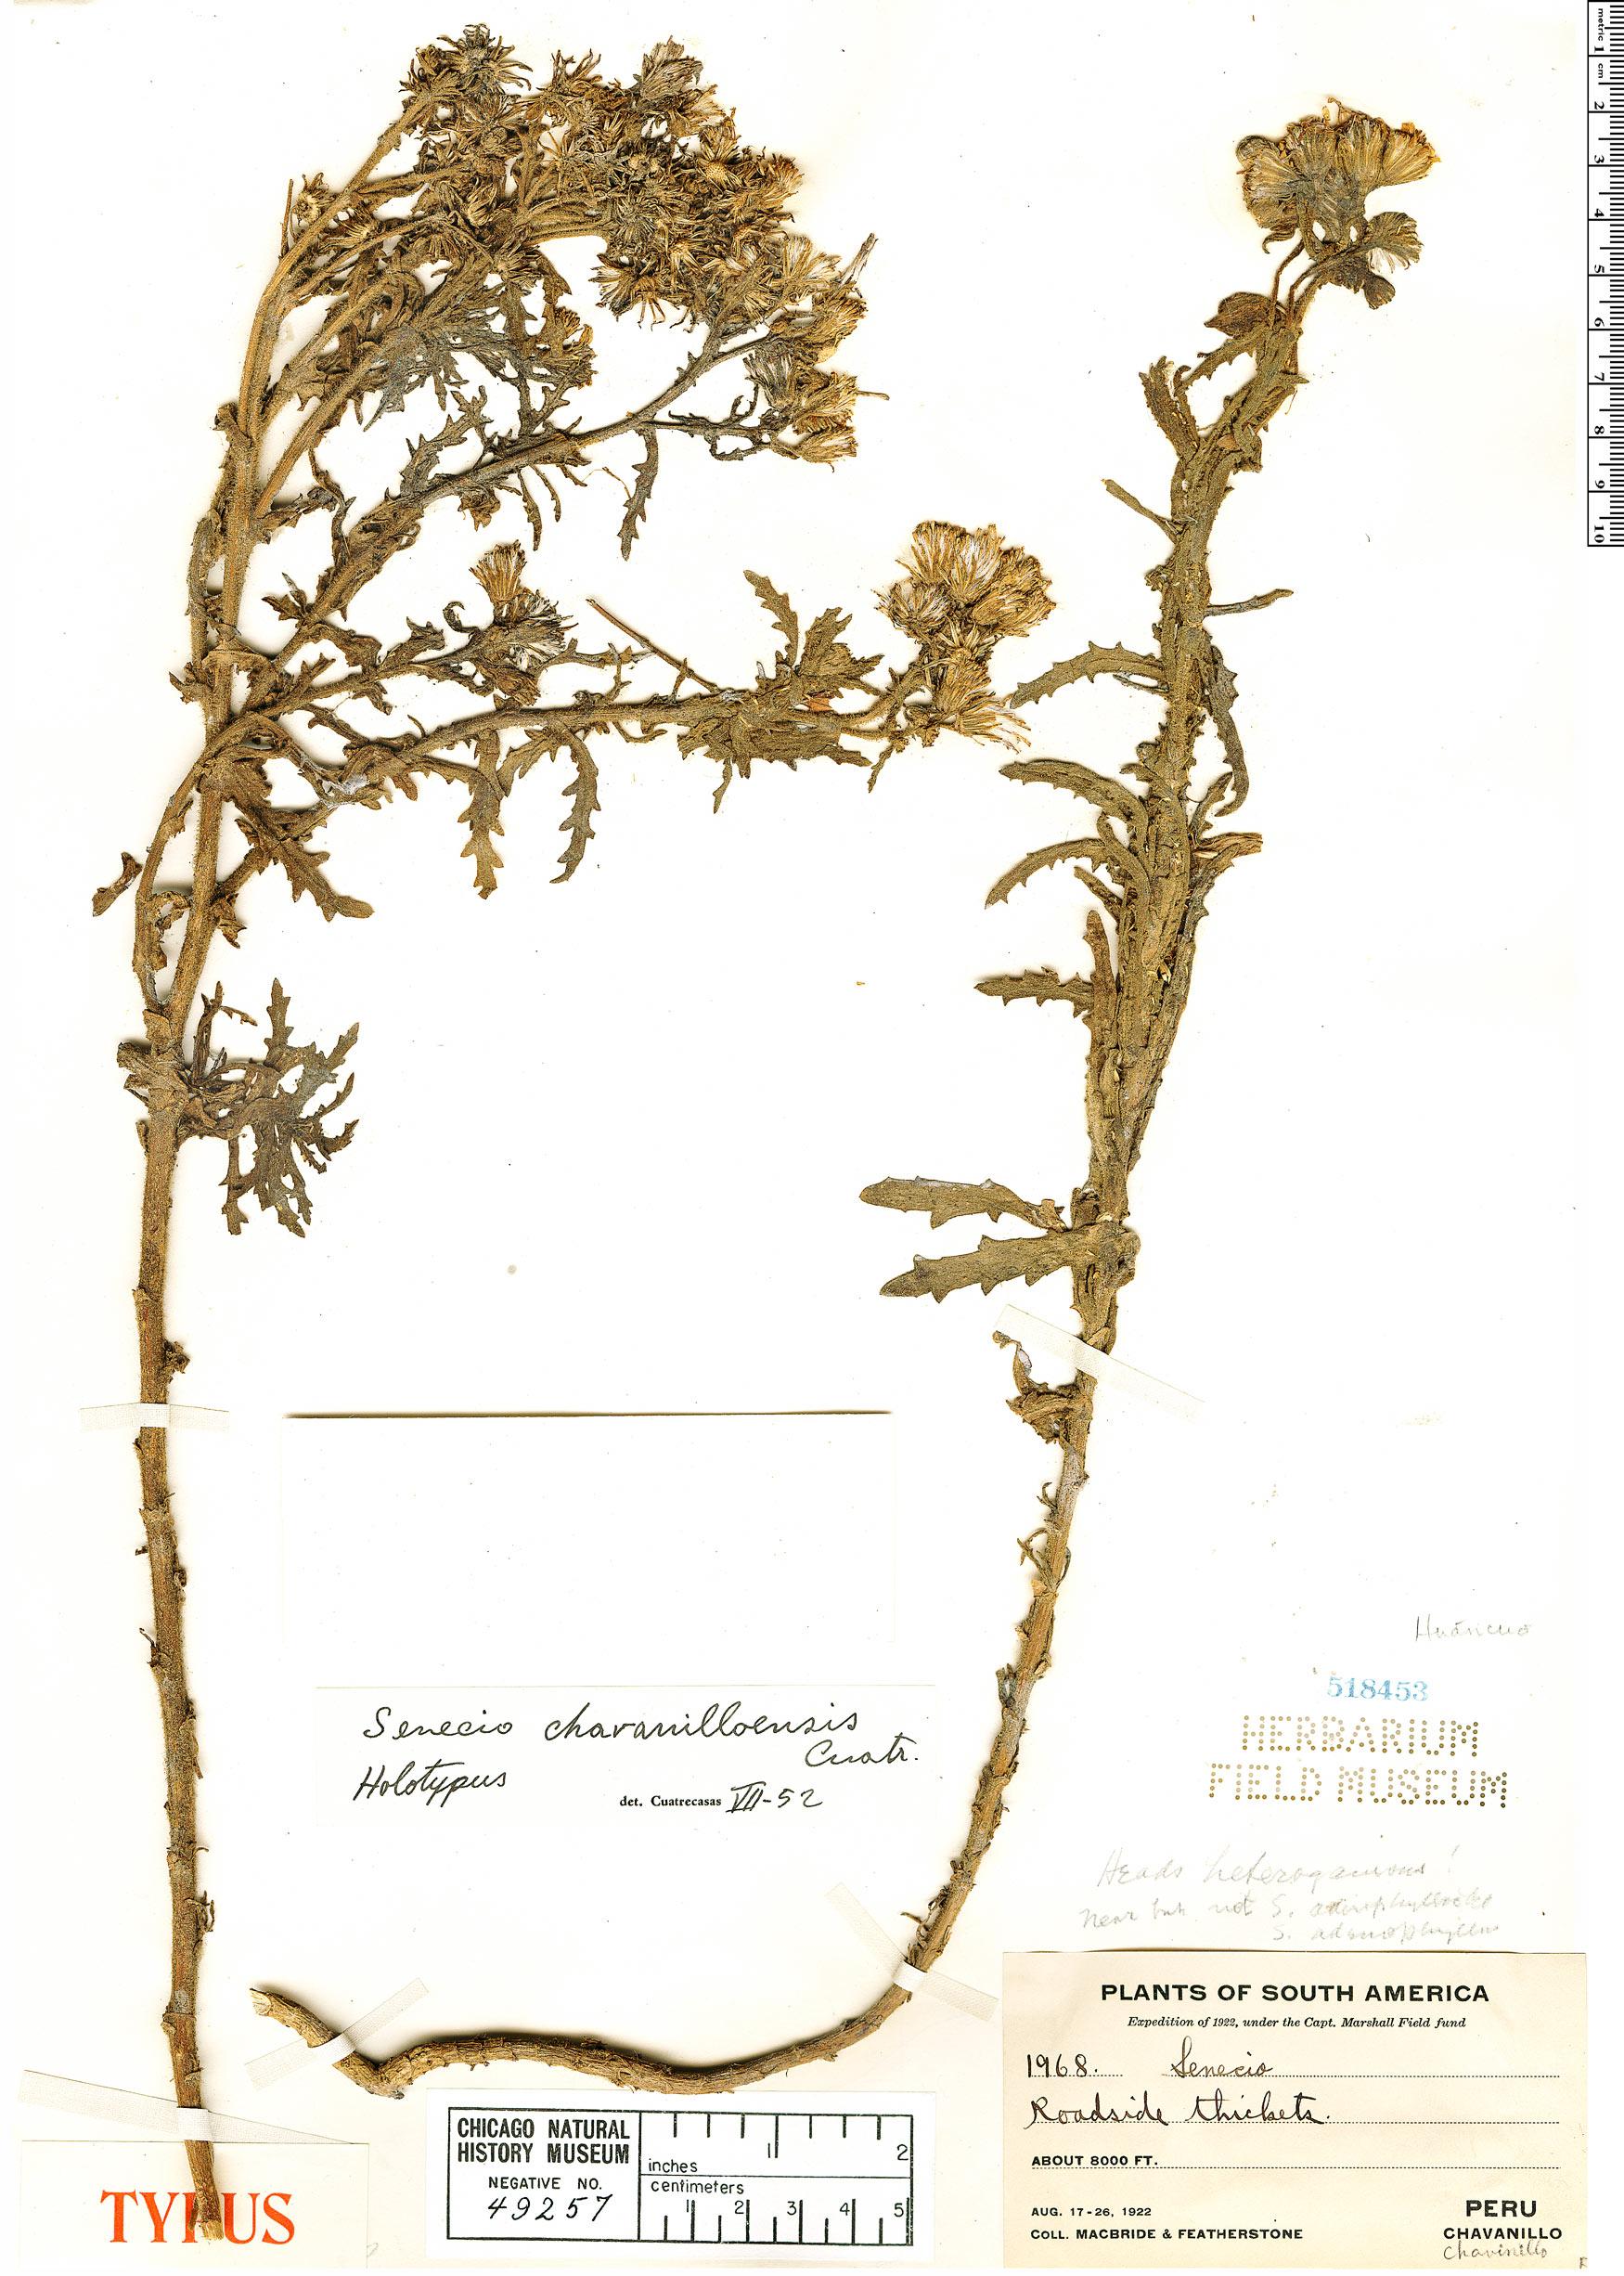 Specimen: Senecio chavanilloensis